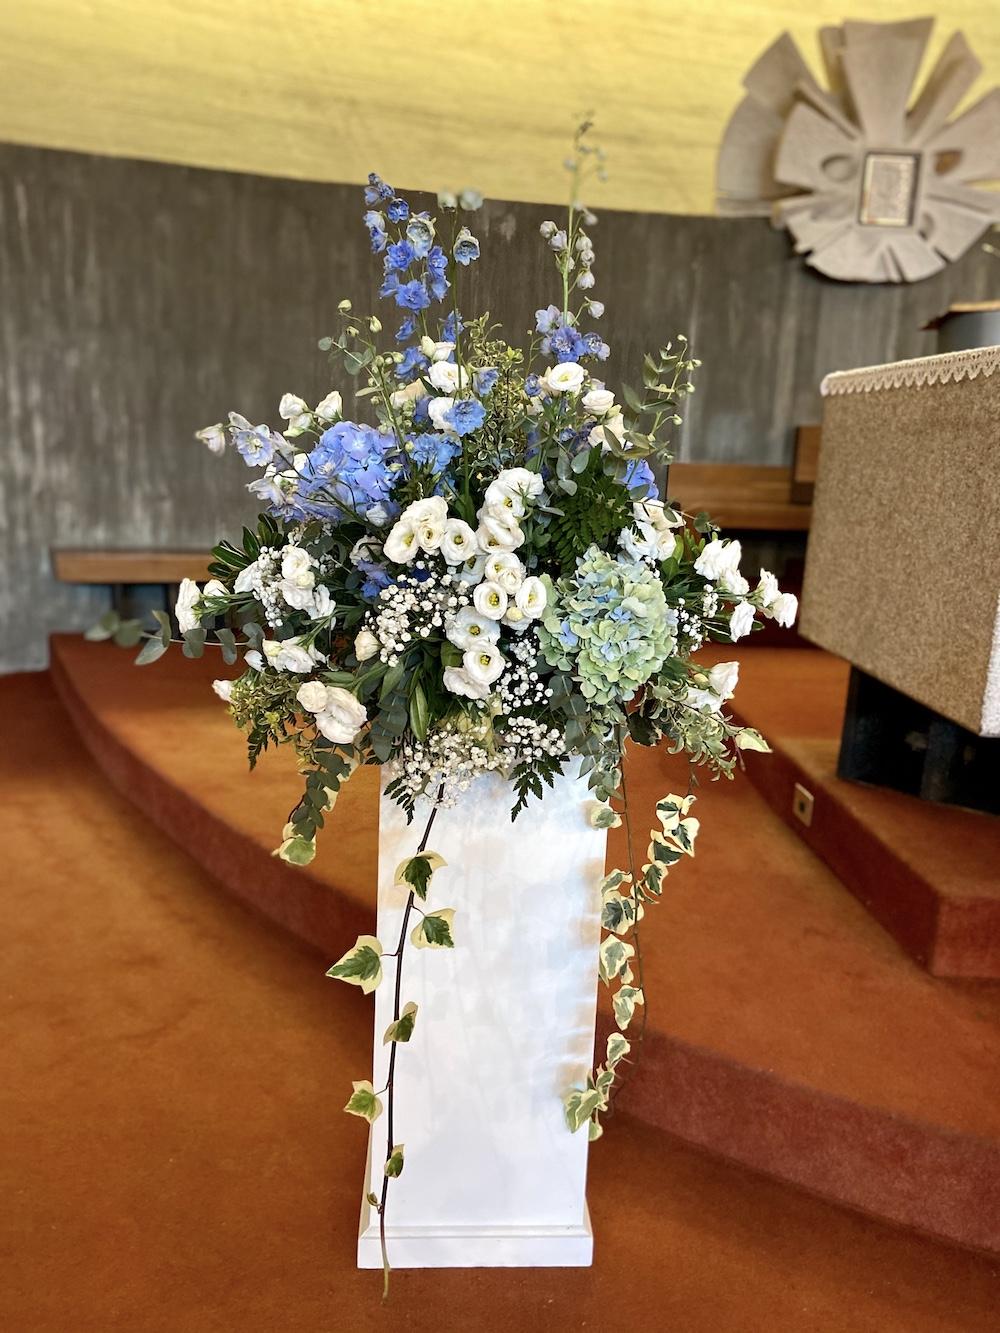 blu IMG_5373Wedding allestimento floreale rossana flower store novellinoBLU Wedding allestimento floreale rossana flower store novellino